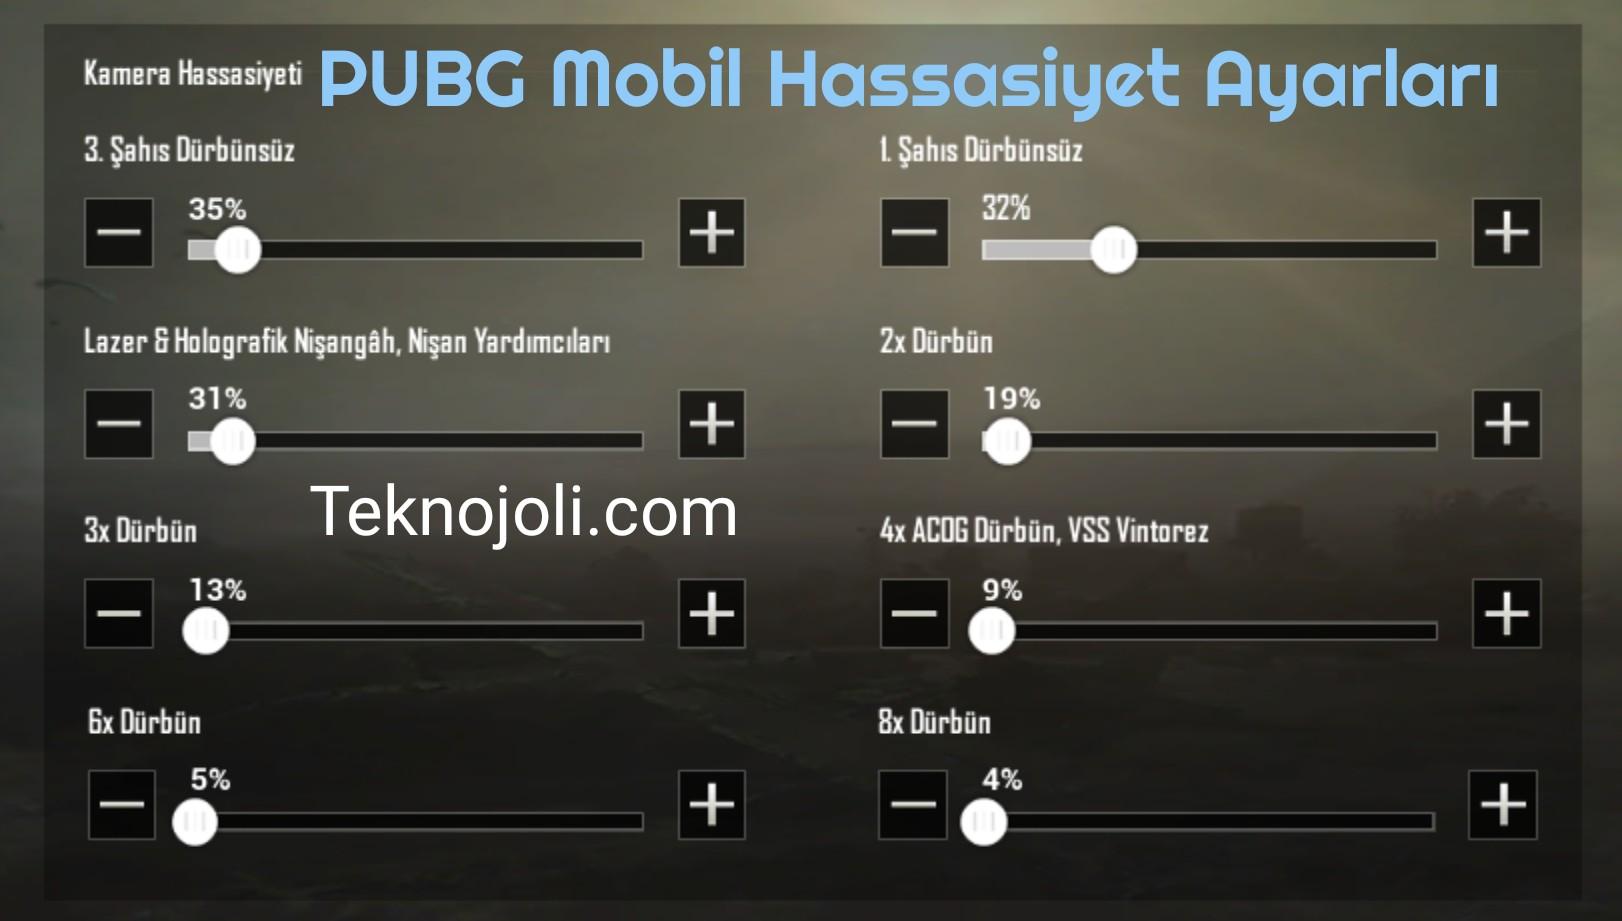 PUBG Mobil Hassasiyet Ayarları